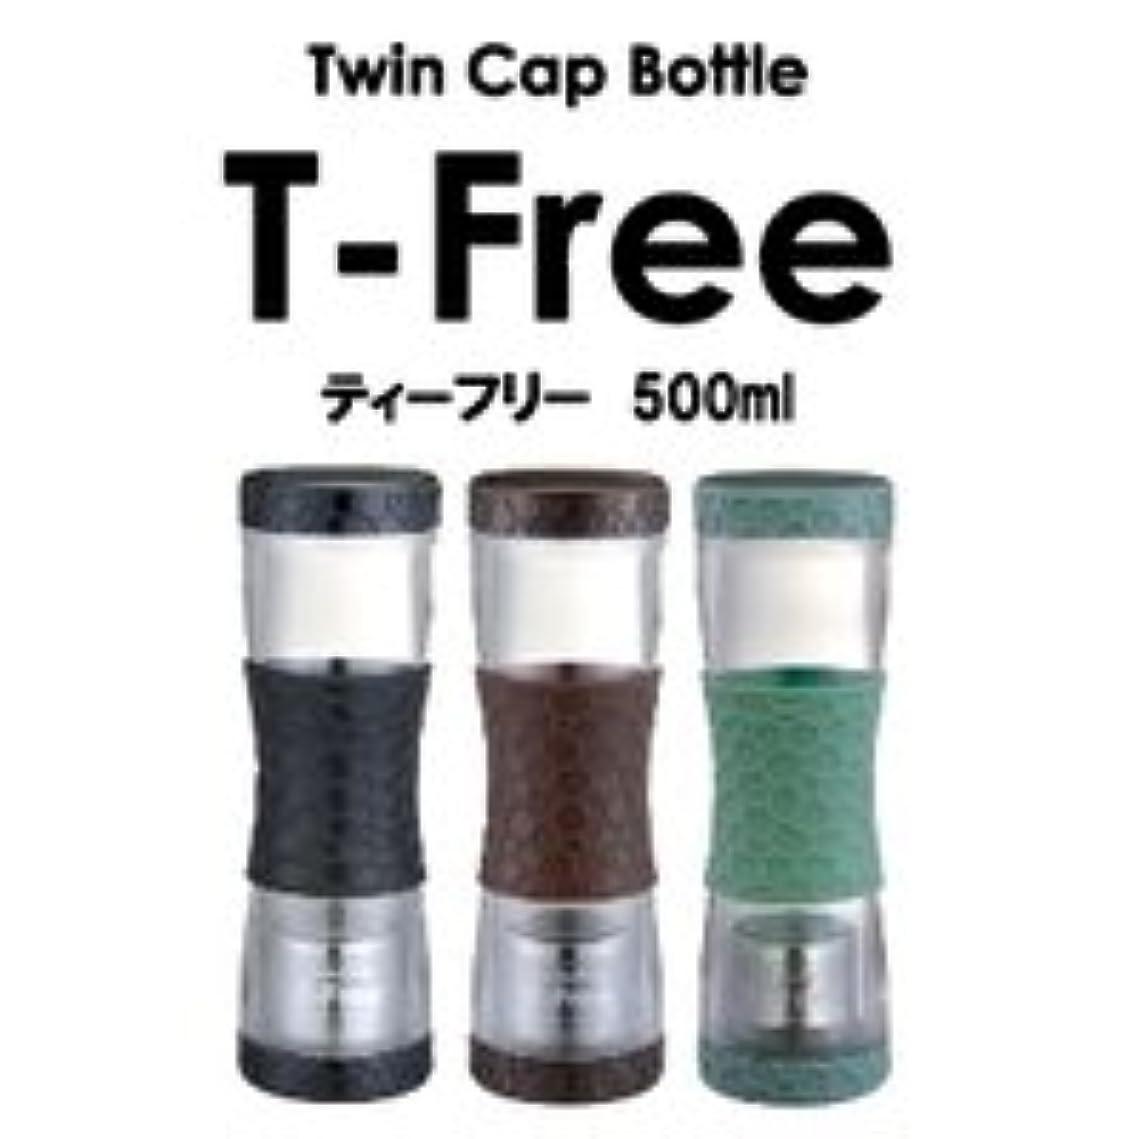 スクラブ写真を描く効率的ティーフリー500ml T-Free (カラー:グリーン) ※使い方自由なツインキャップボトル